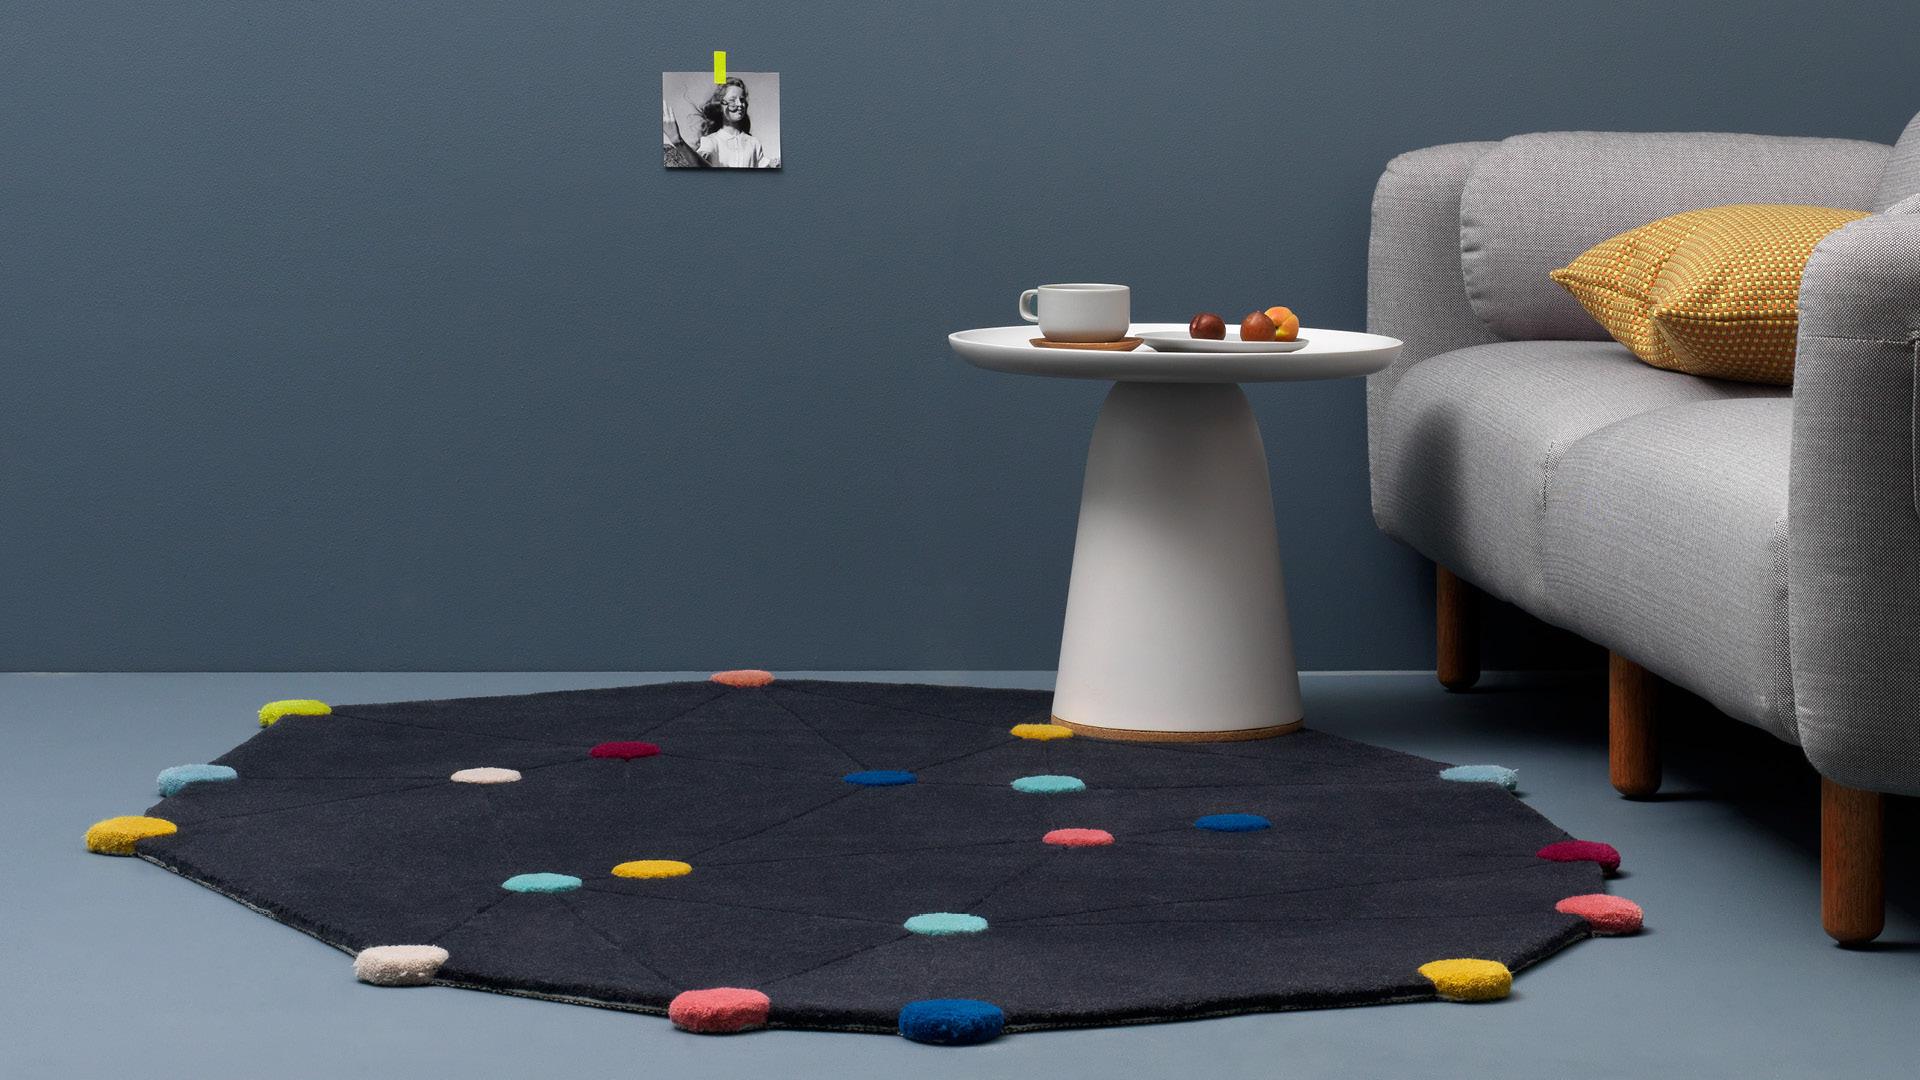 客厅小毯,浪漫点缀童趣世界